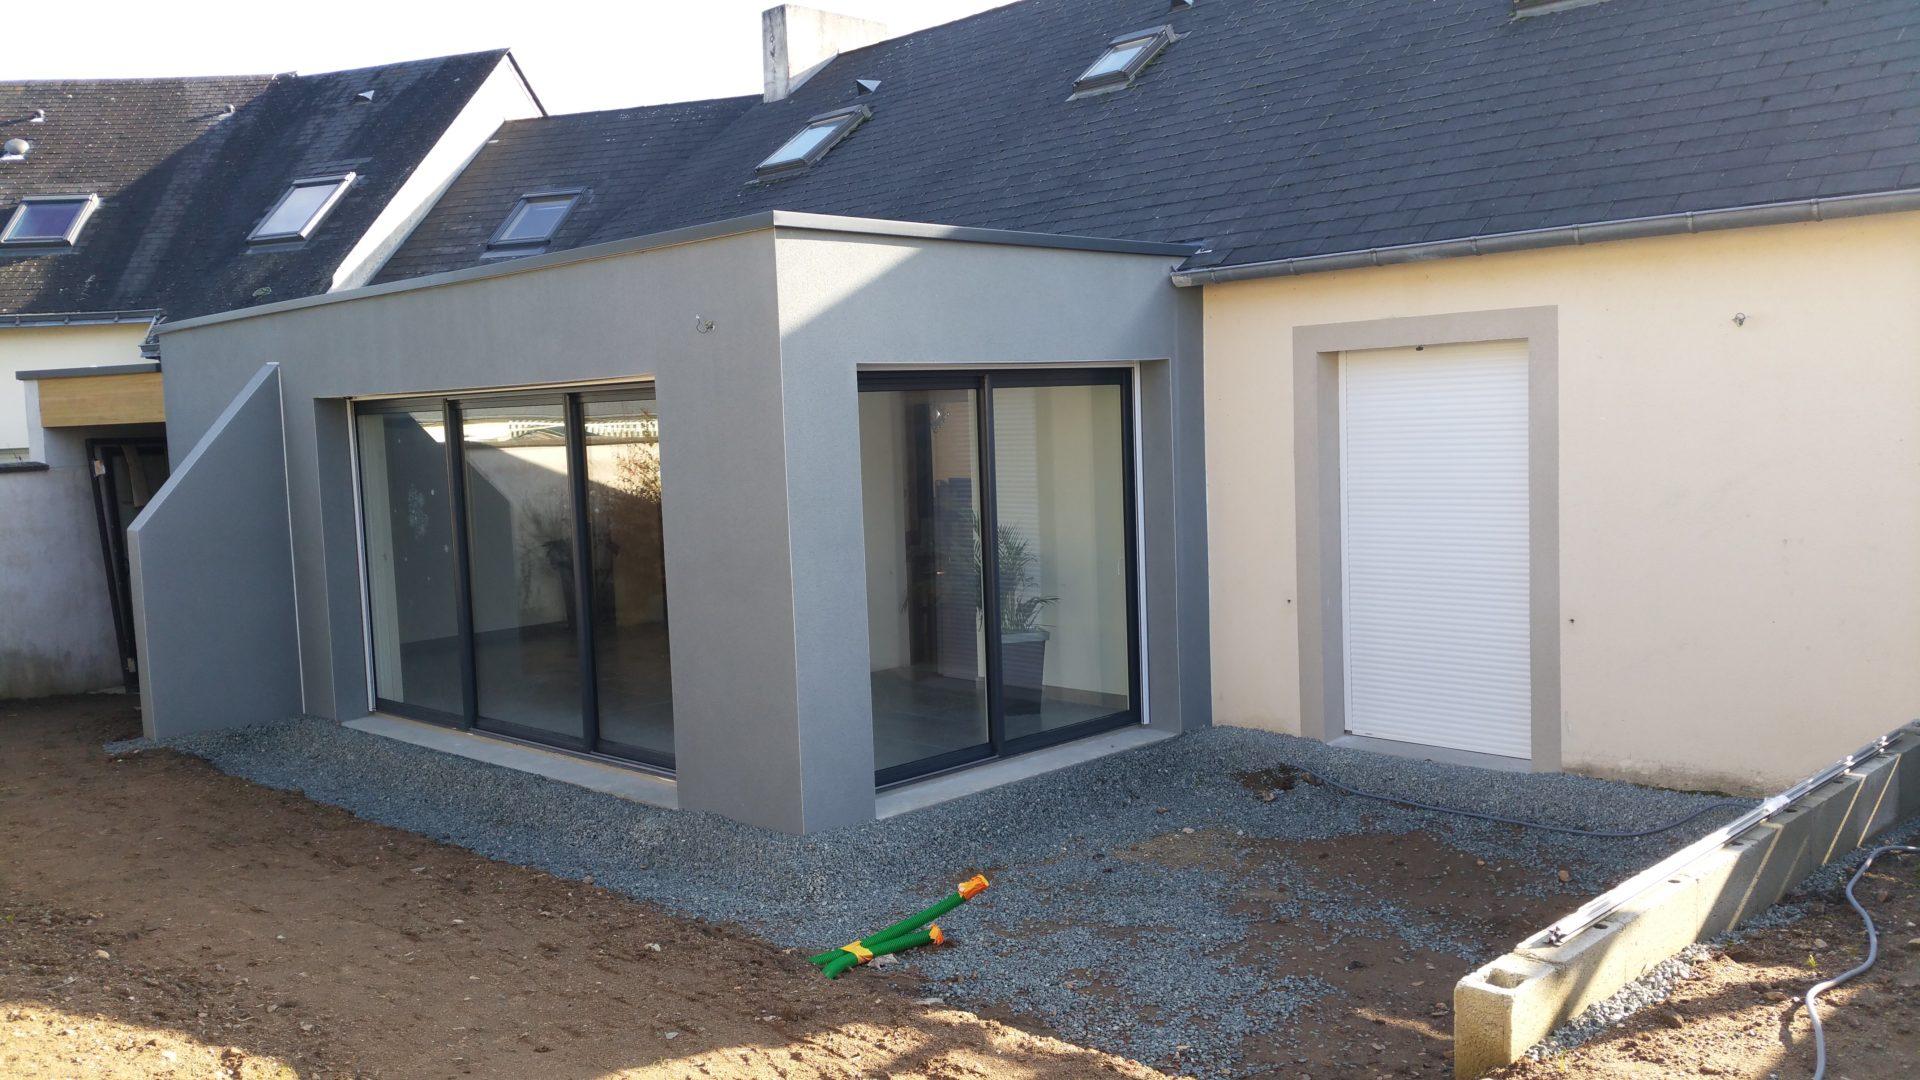 Enduit facade parpaing good enduit interieur sur parpaing for Extension parpaing